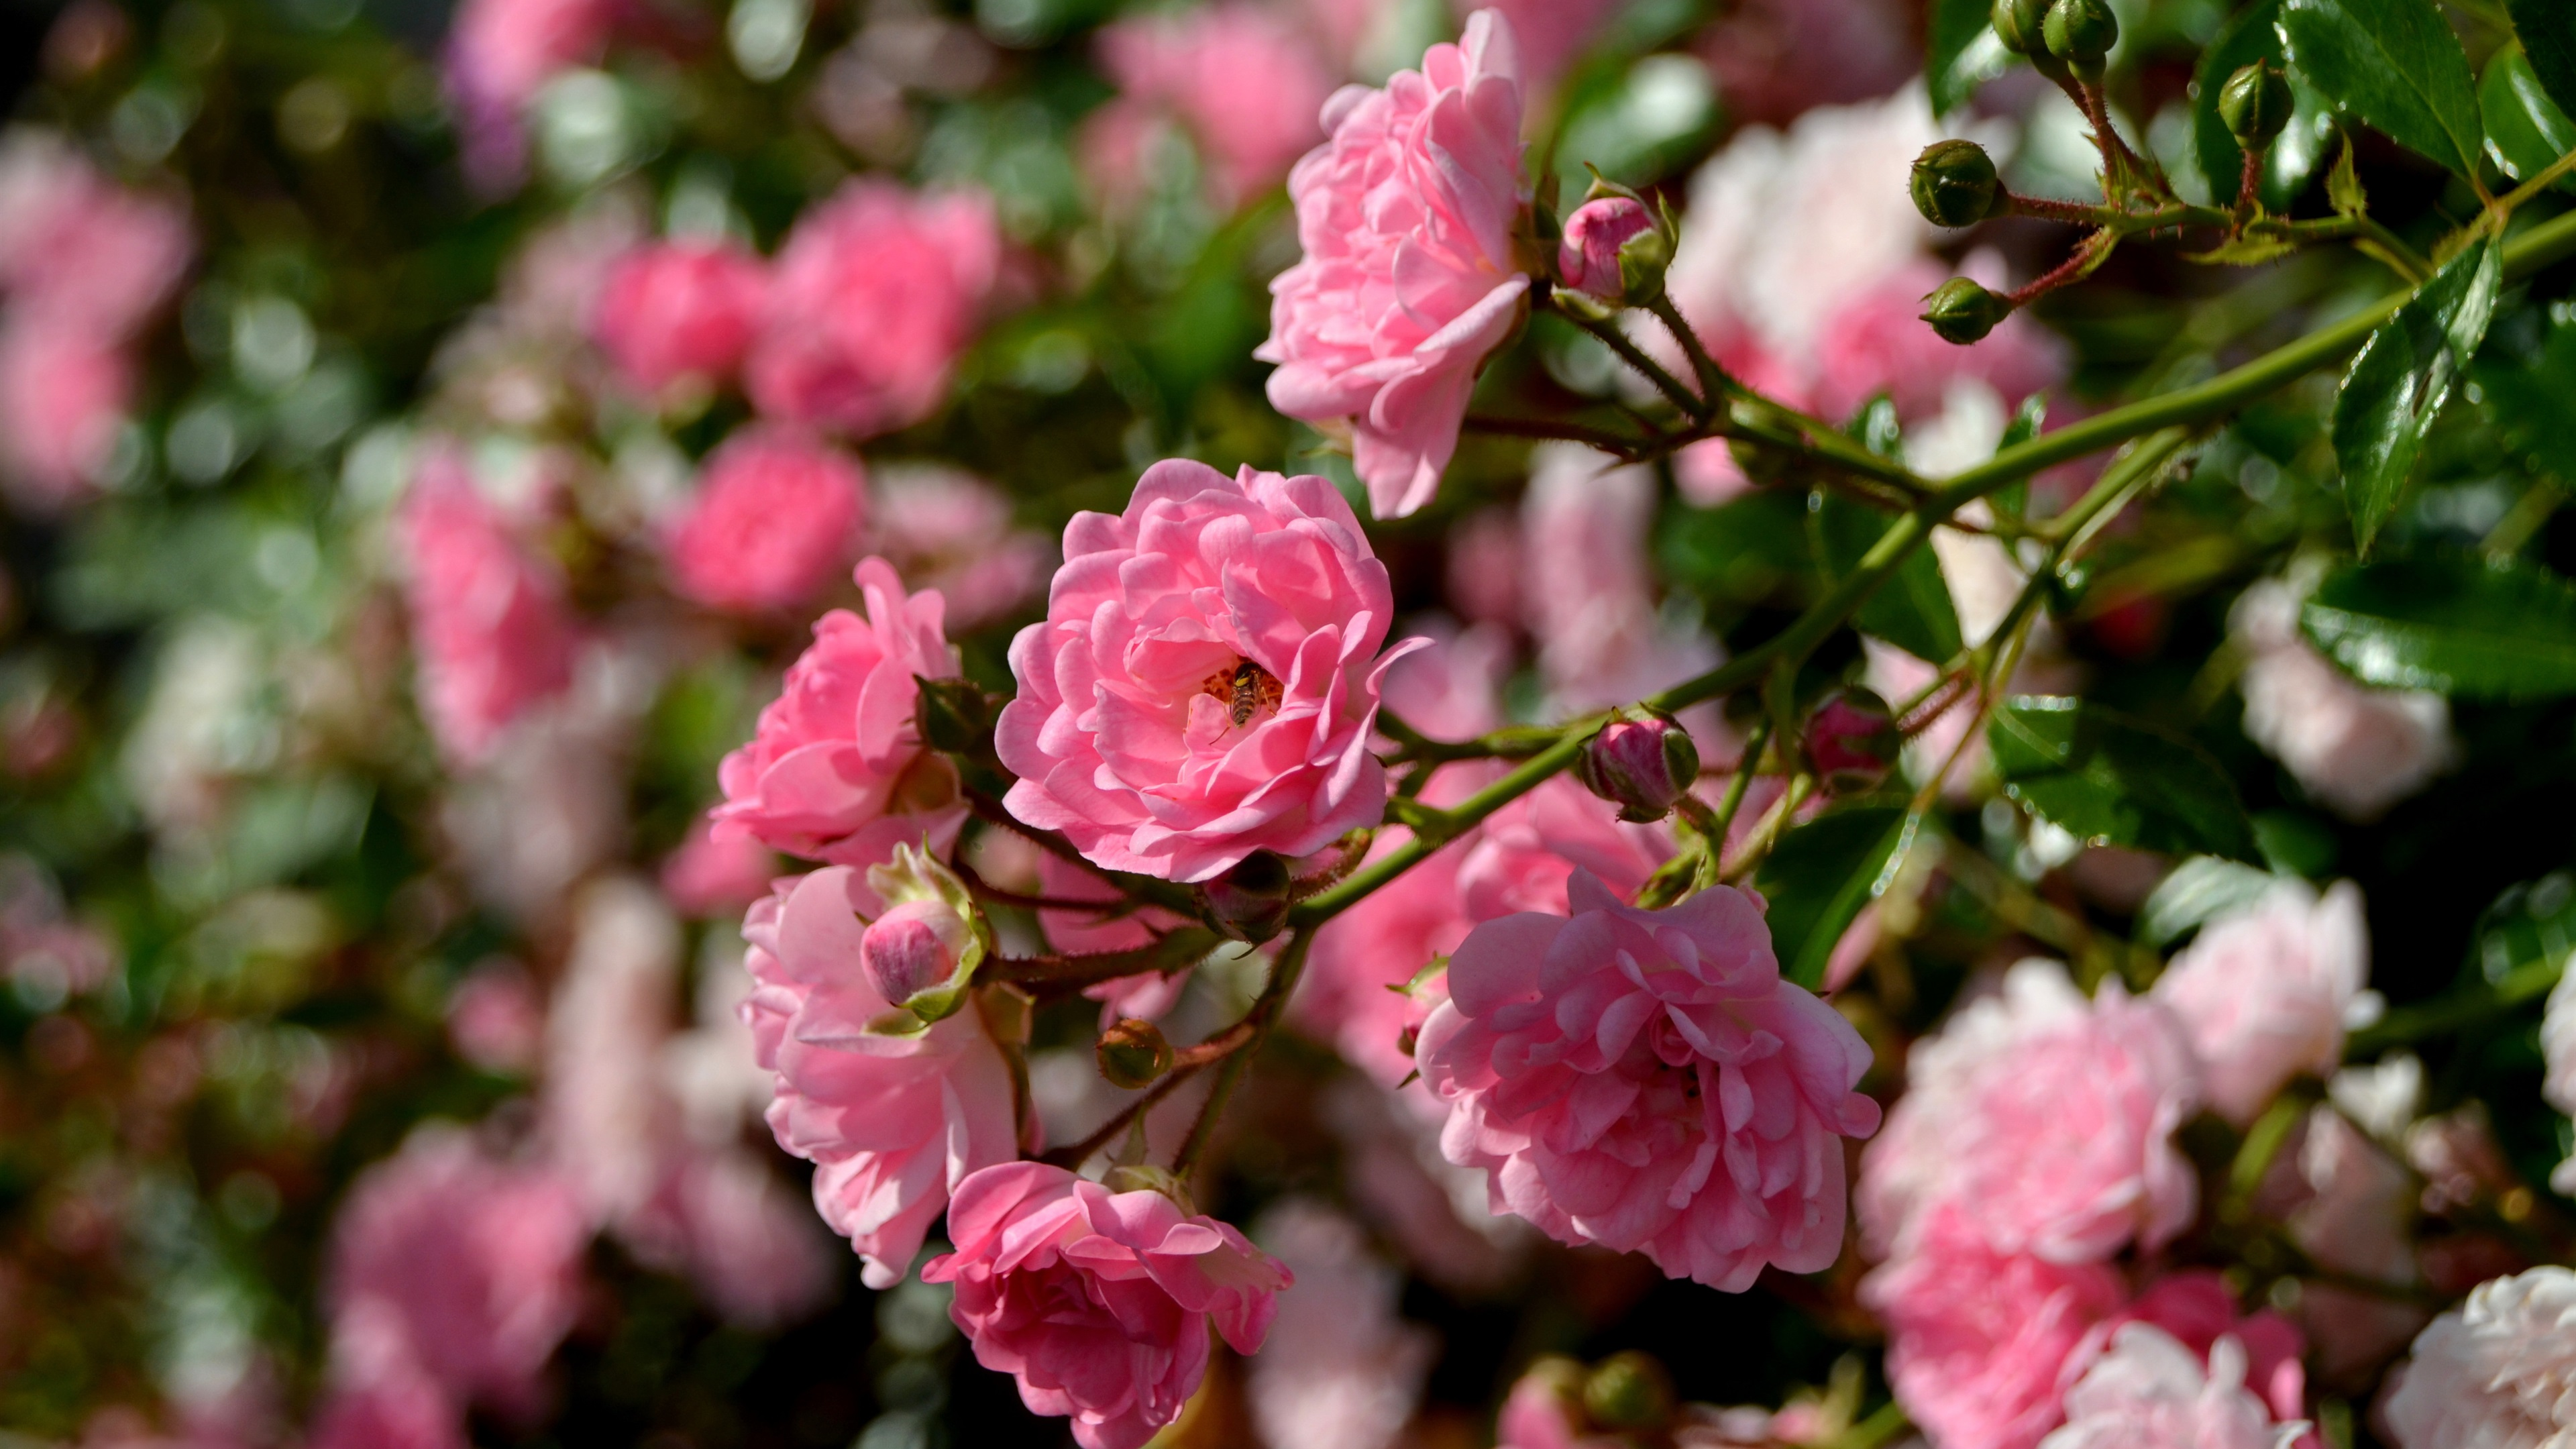 Fonds d 39 cran roses roses abeille fleurs de printemps - Fleurs roses de printemps ...